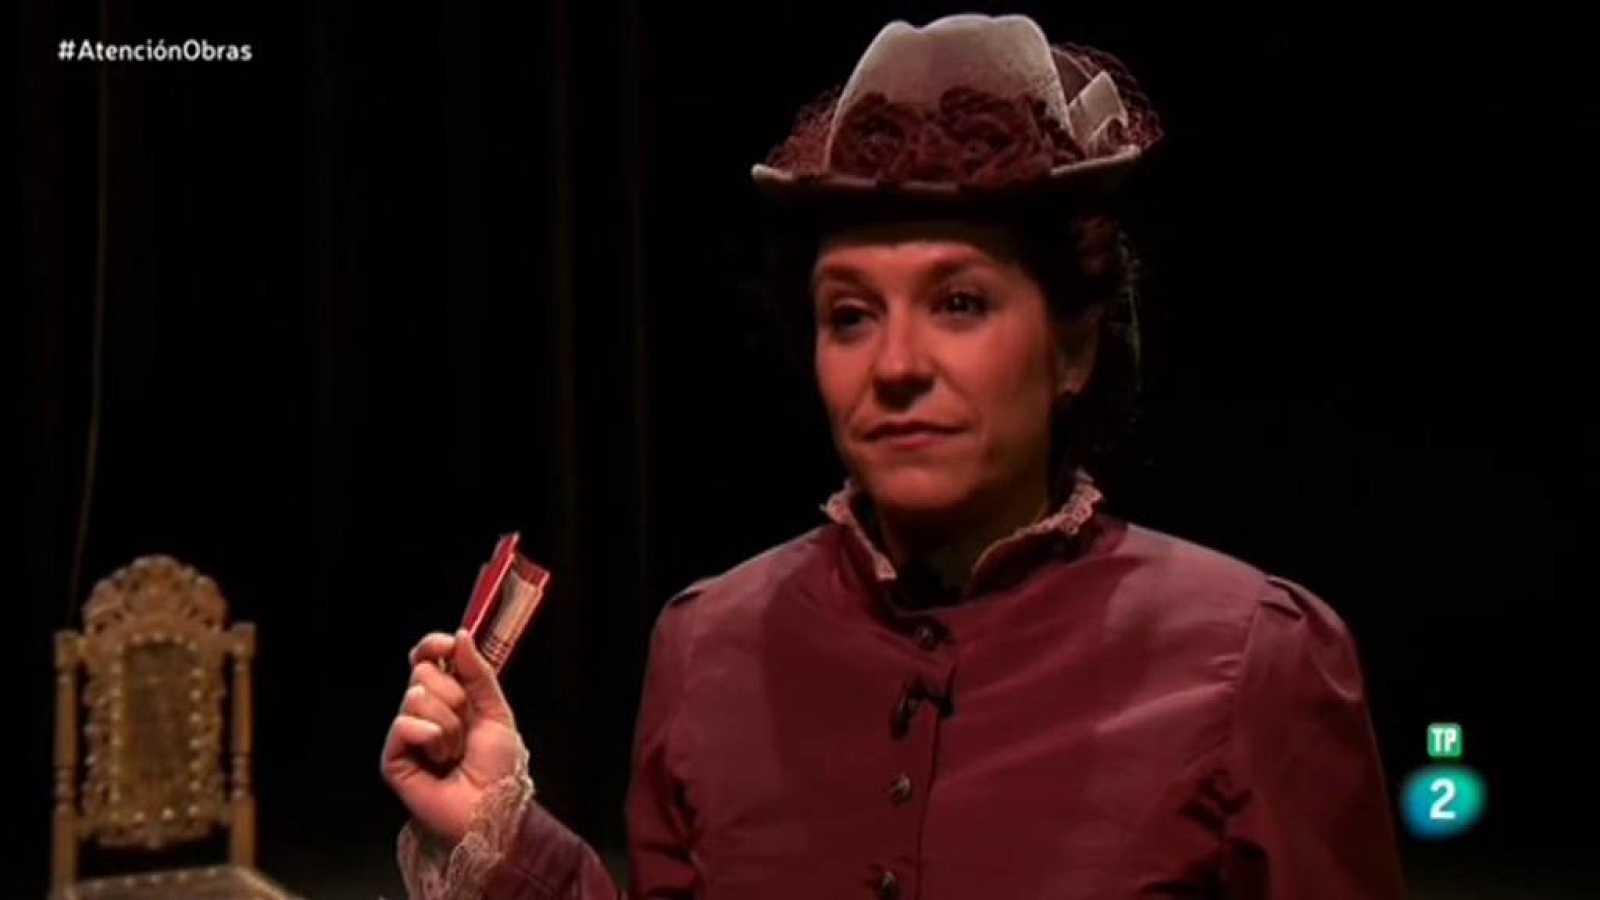 """Atención obras - """"Emilia"""", teatro sobre mujeres, escrito, dirigido e interpretado por mujeres"""